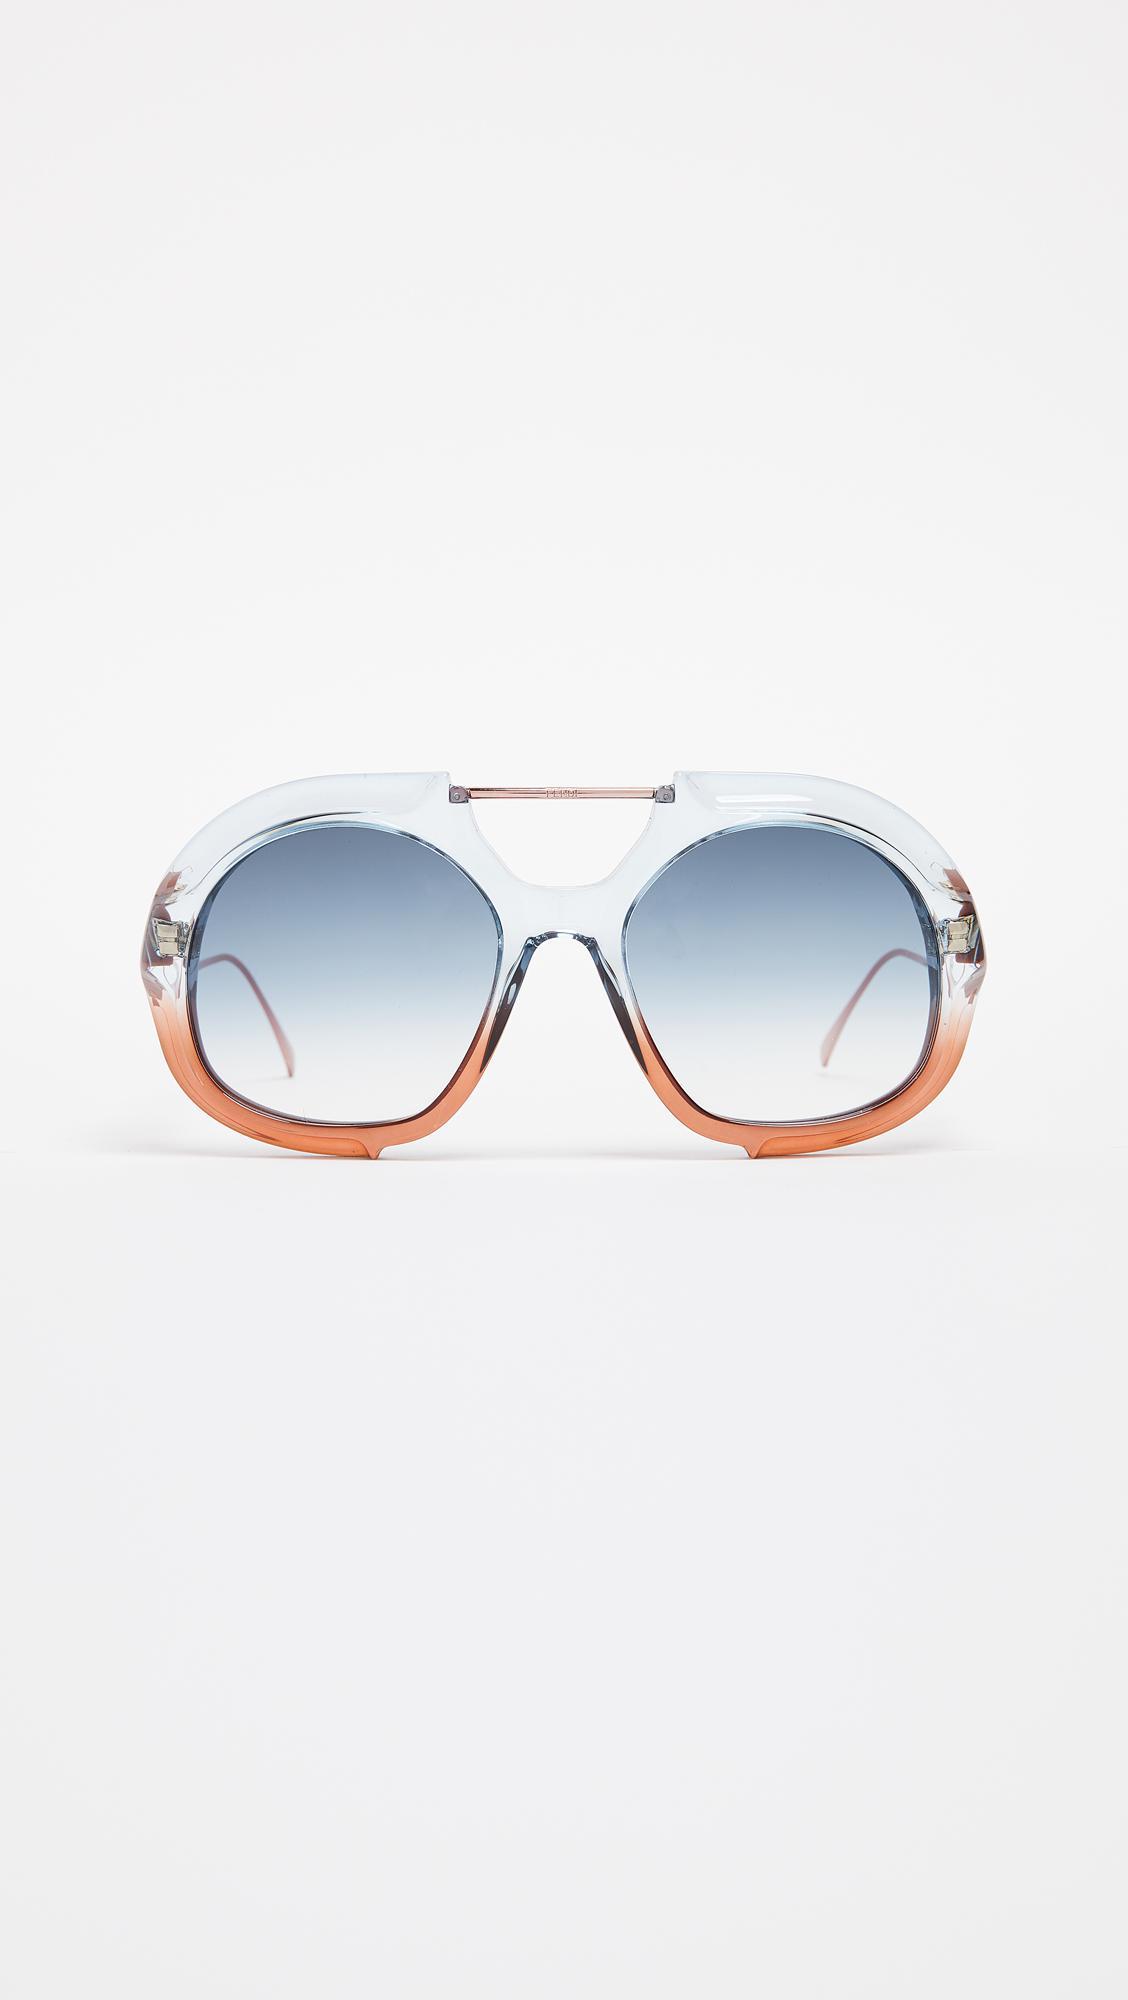 b68da9bb9cb Fendi Thick Aviator Sunglasses in Blue - Lyst